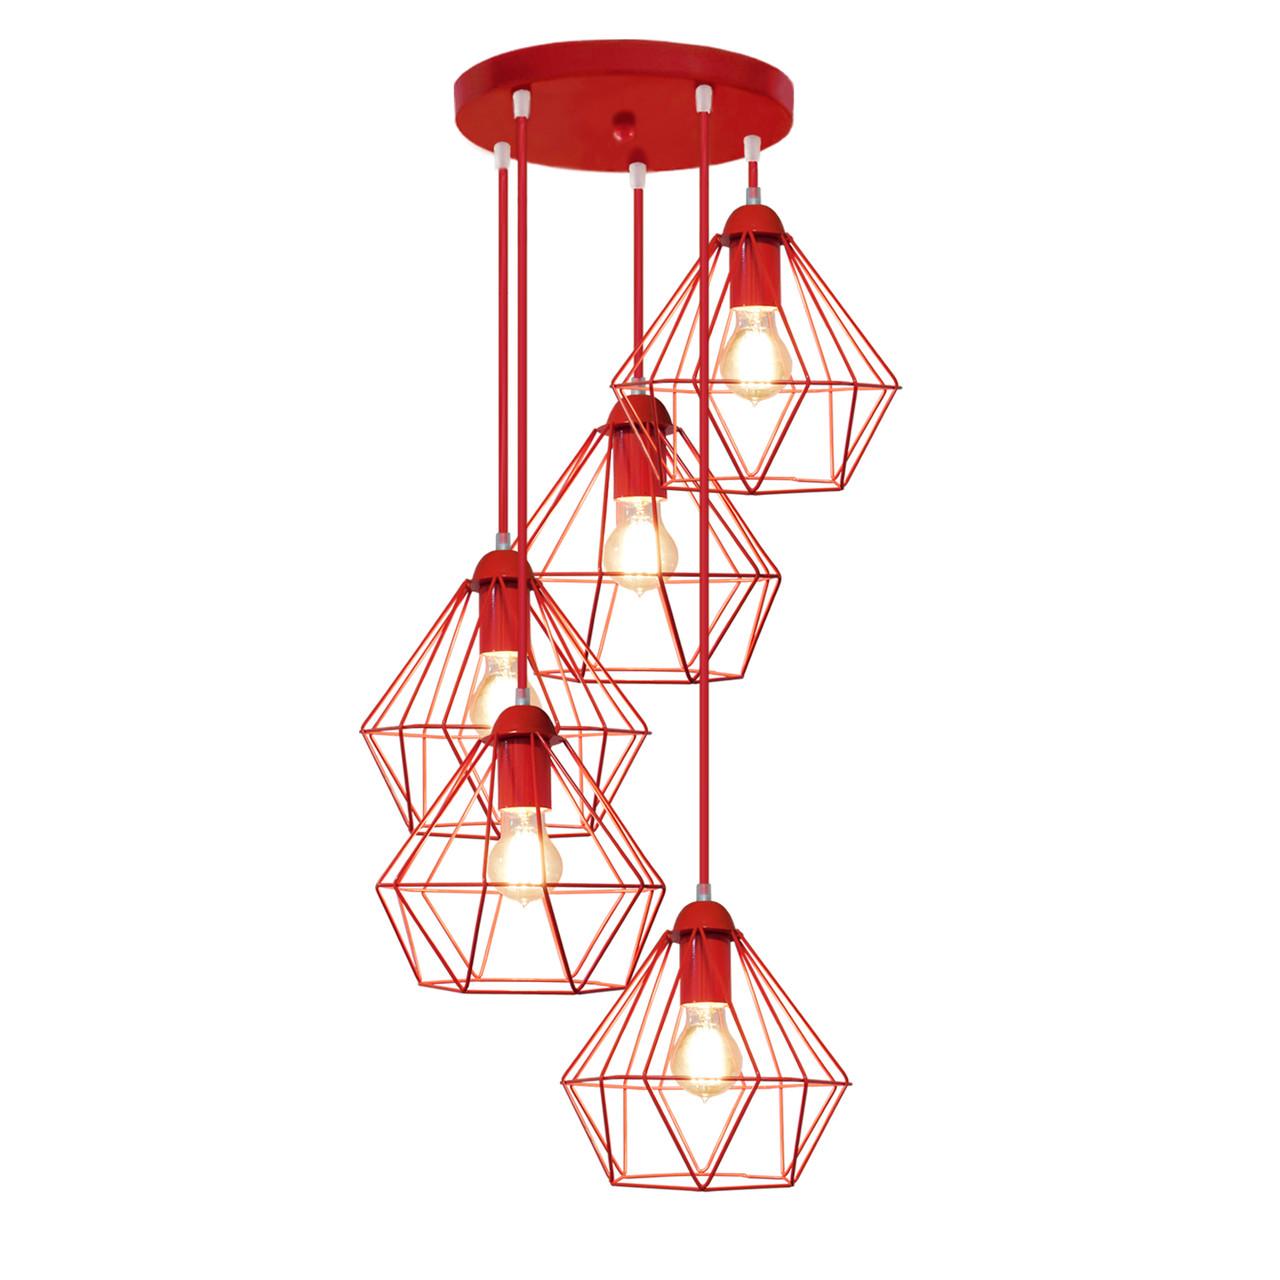 """Подвесной металлический светильник, современный стиль, loft, vintage  """"CLASSIC-5GR"""" Е27  красный цвет"""